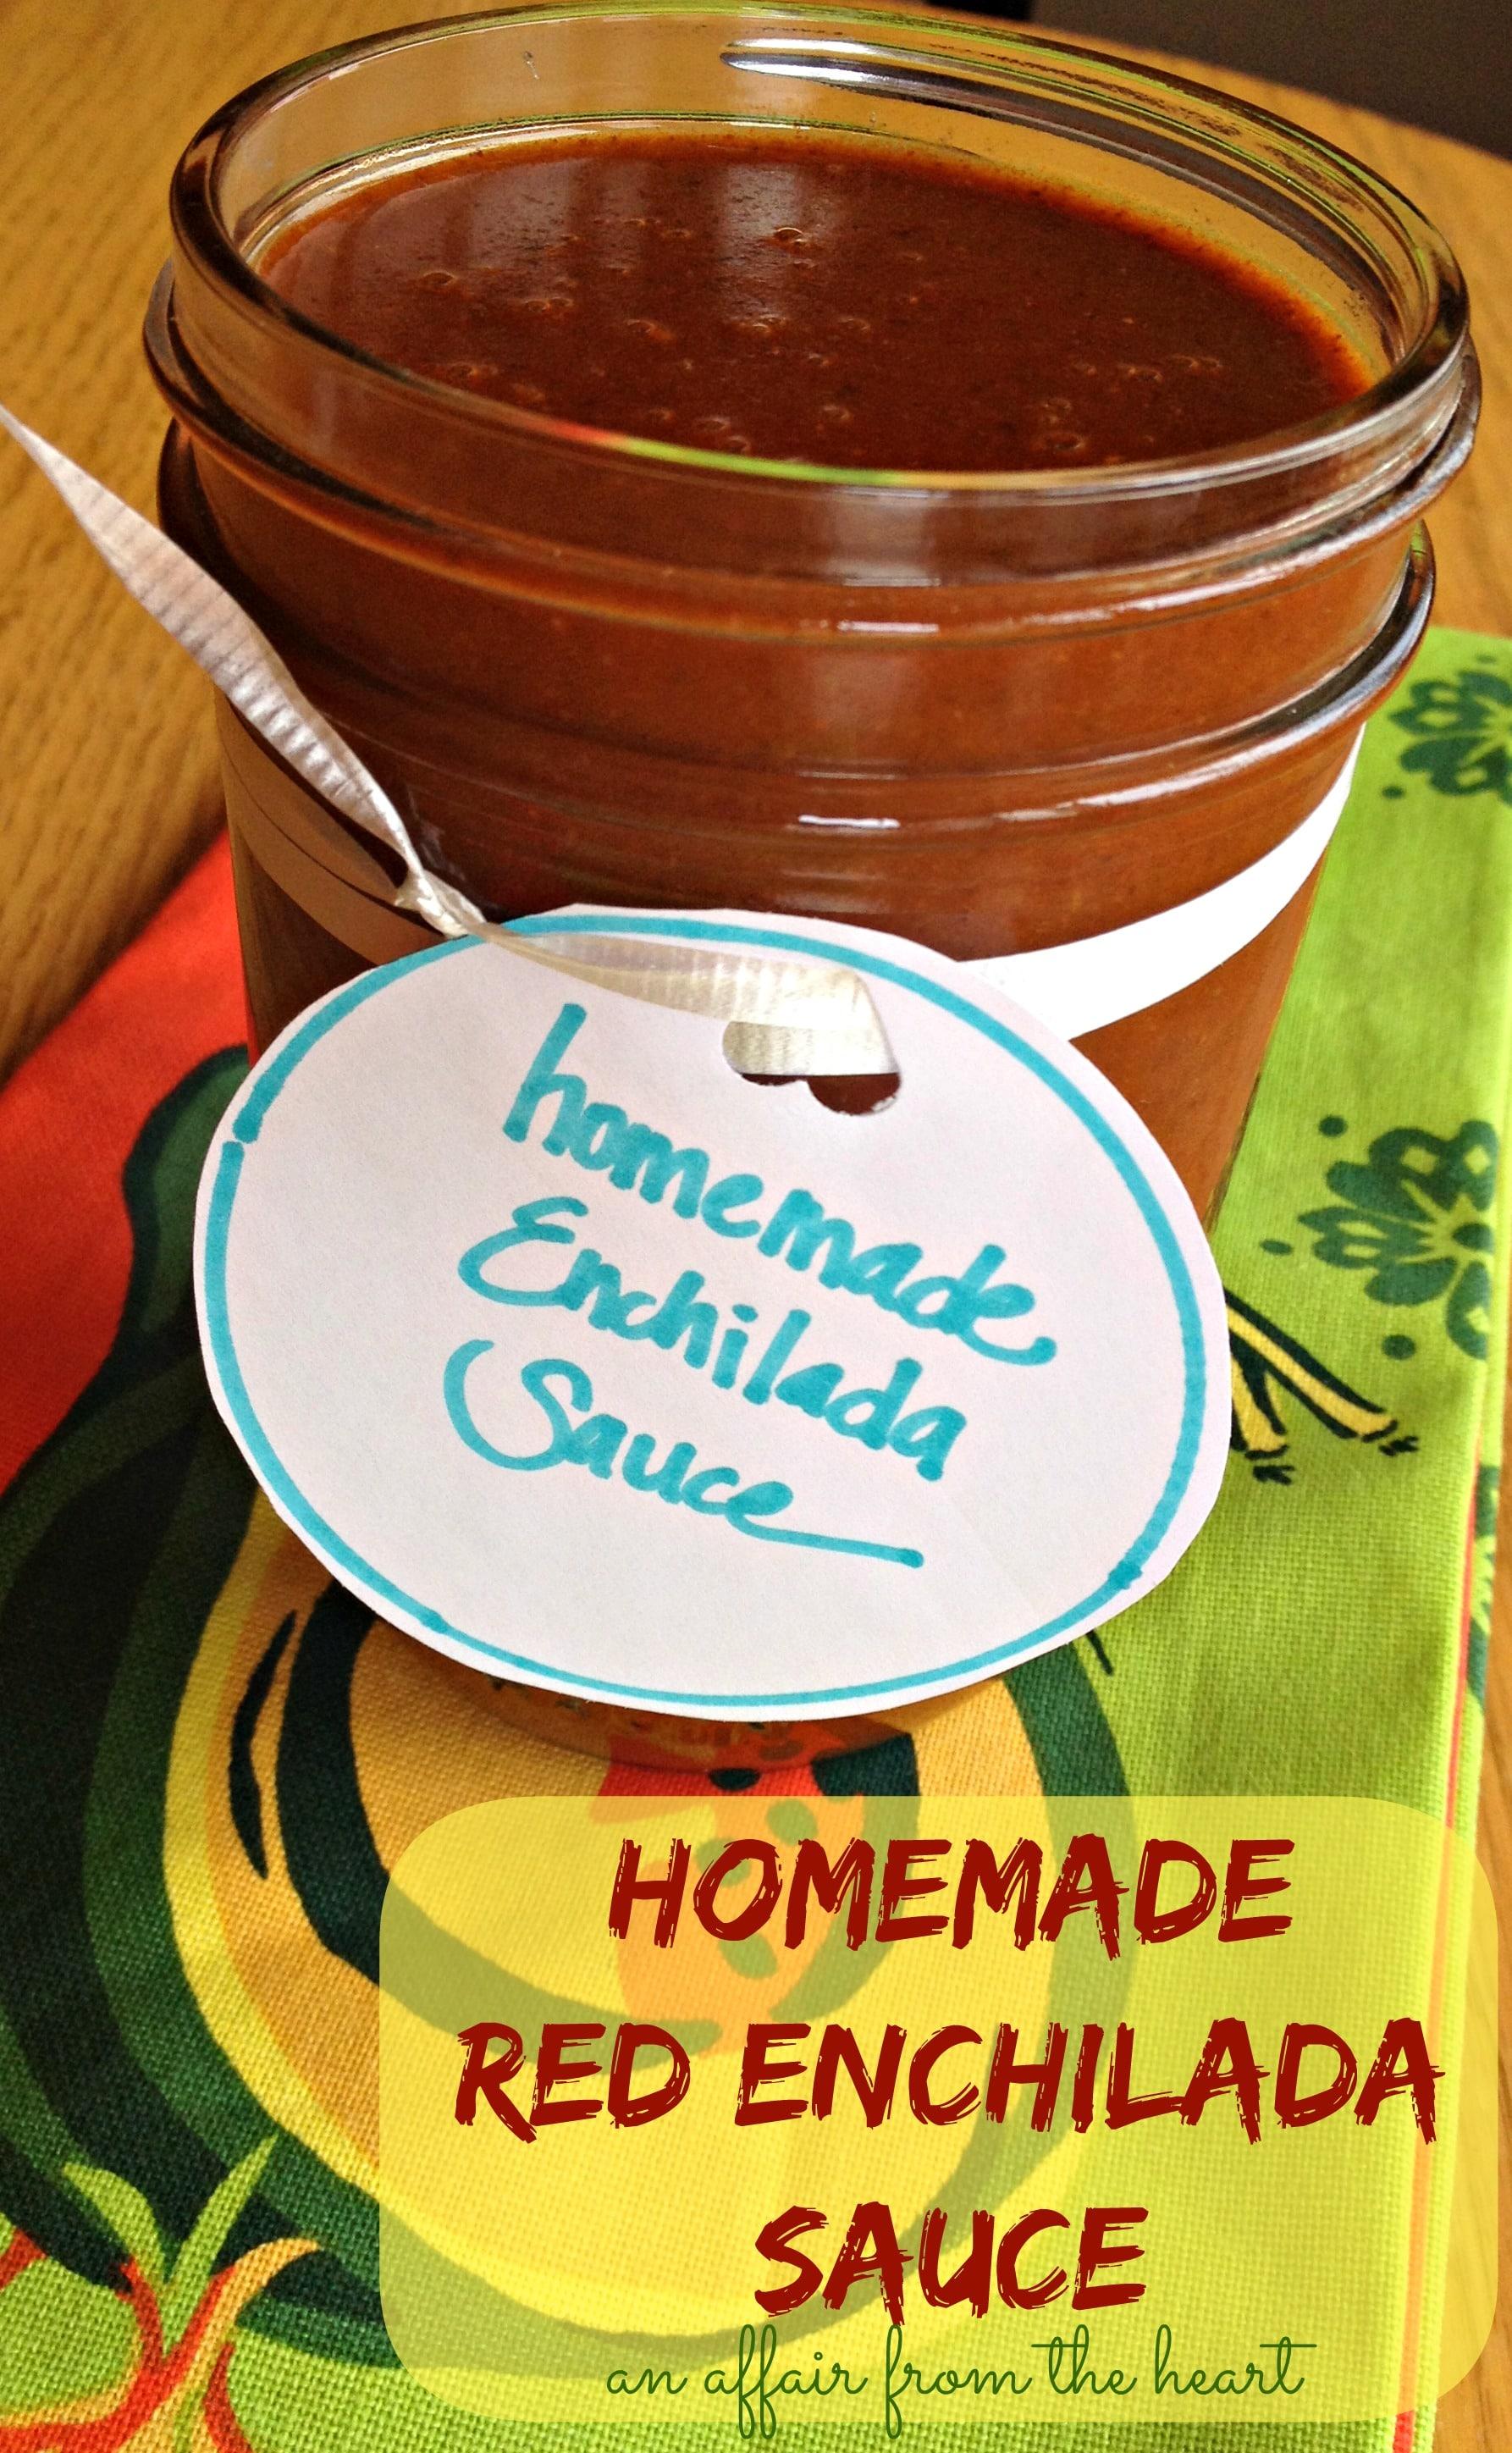 homemade-red-enchilada-sauce.jpg